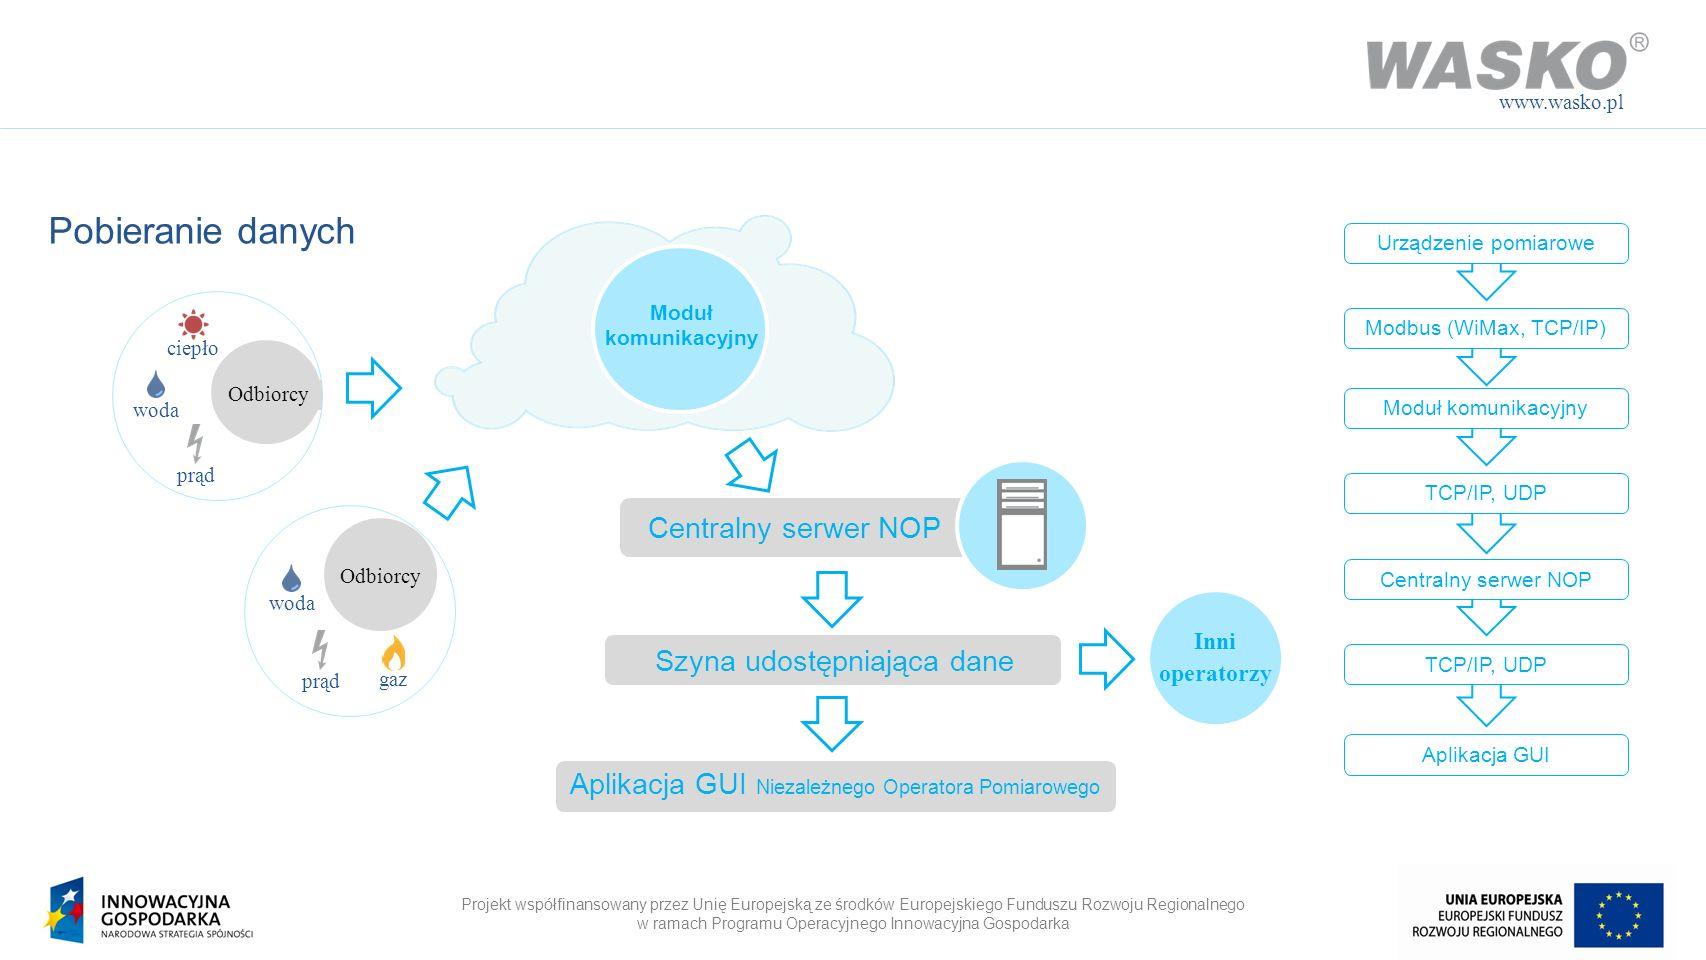 Projekt współfinansowany przez Unię Europejską ze środków Europejskiego Funduszu Rozwoju Regionalnego w ramach Programu Operacyjnego Innowacyjna Gospodarka www.wasko.pl Pobieranie danych Urządzenie pomiarowe M-Bus, Modbus WiMax, TCP/IP Moduł komunikacyjny Centralny serwer NOP Aplikacja GUI ND20 CRS03 MT101 Gloros XLE MacMatIIA MultiCall 66C Protokoły: M-Bus Modbus GM1 i GM2 Profibus SMS Warstwy transportowe: WiMax UDP TCP/IP GSM GPRS RS232 Komputer przemysłowy Klaster bezpieczeństwa NPort VMWare Serwery obliczeniowe Bazy danych Klaster bezpieczeństwa Backup Przetwarzanie danych Komputer stacjonarny System operacyjny Aplikacja